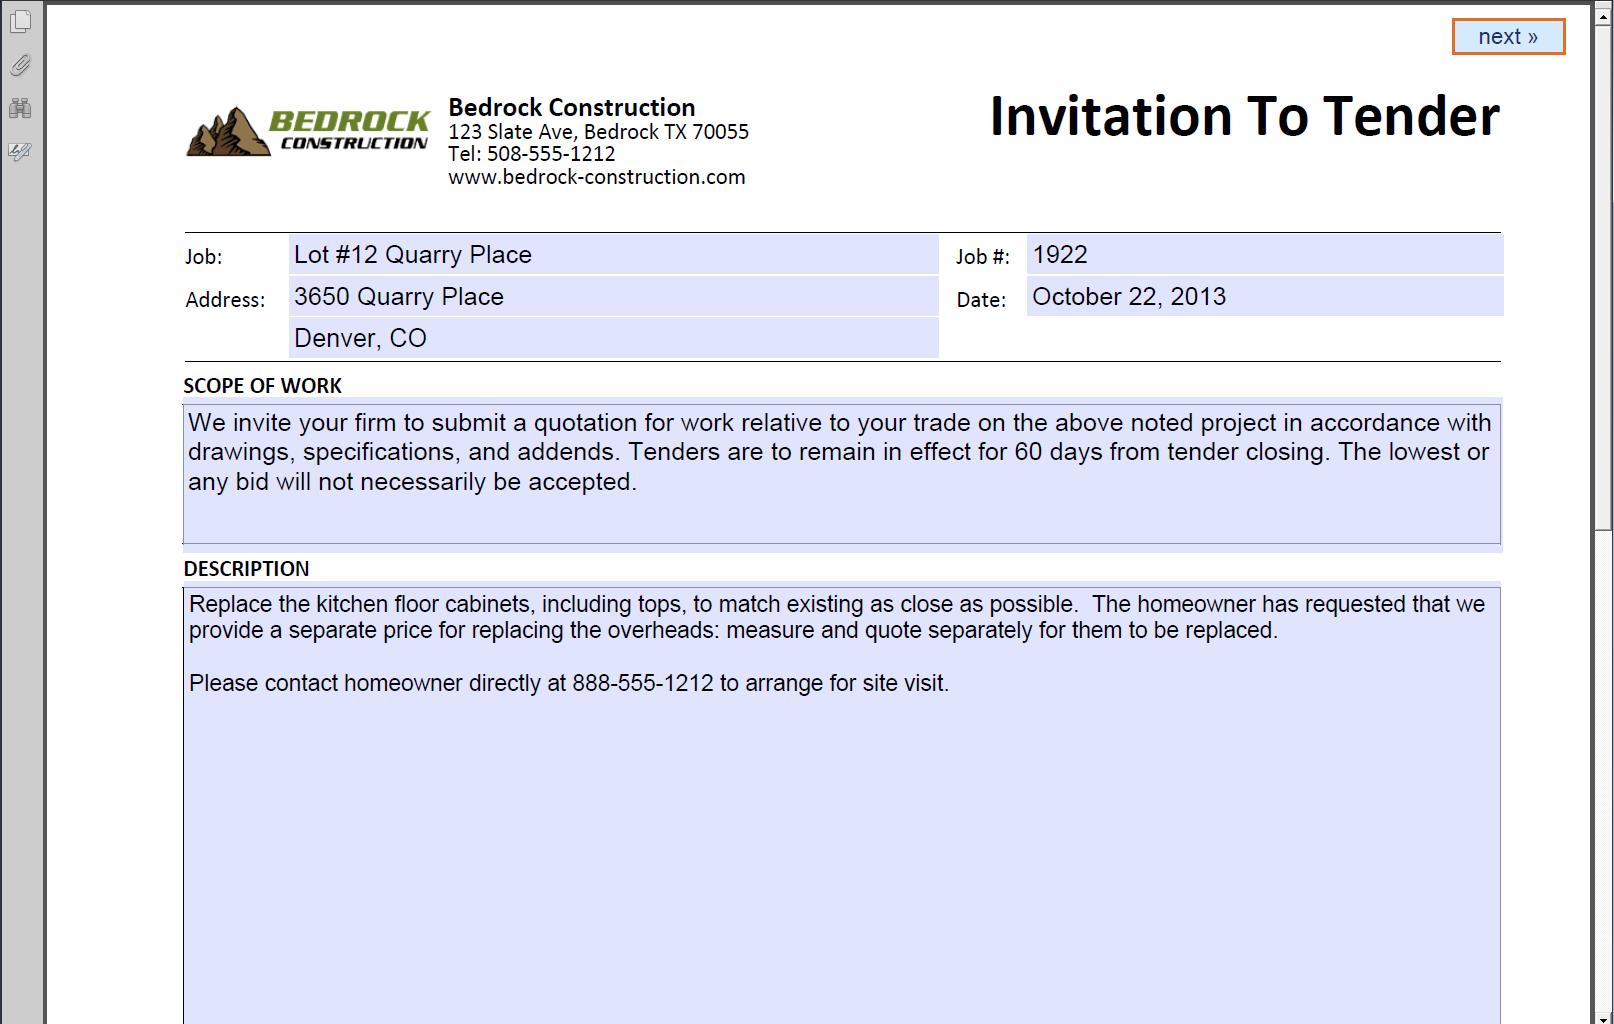 Invite document